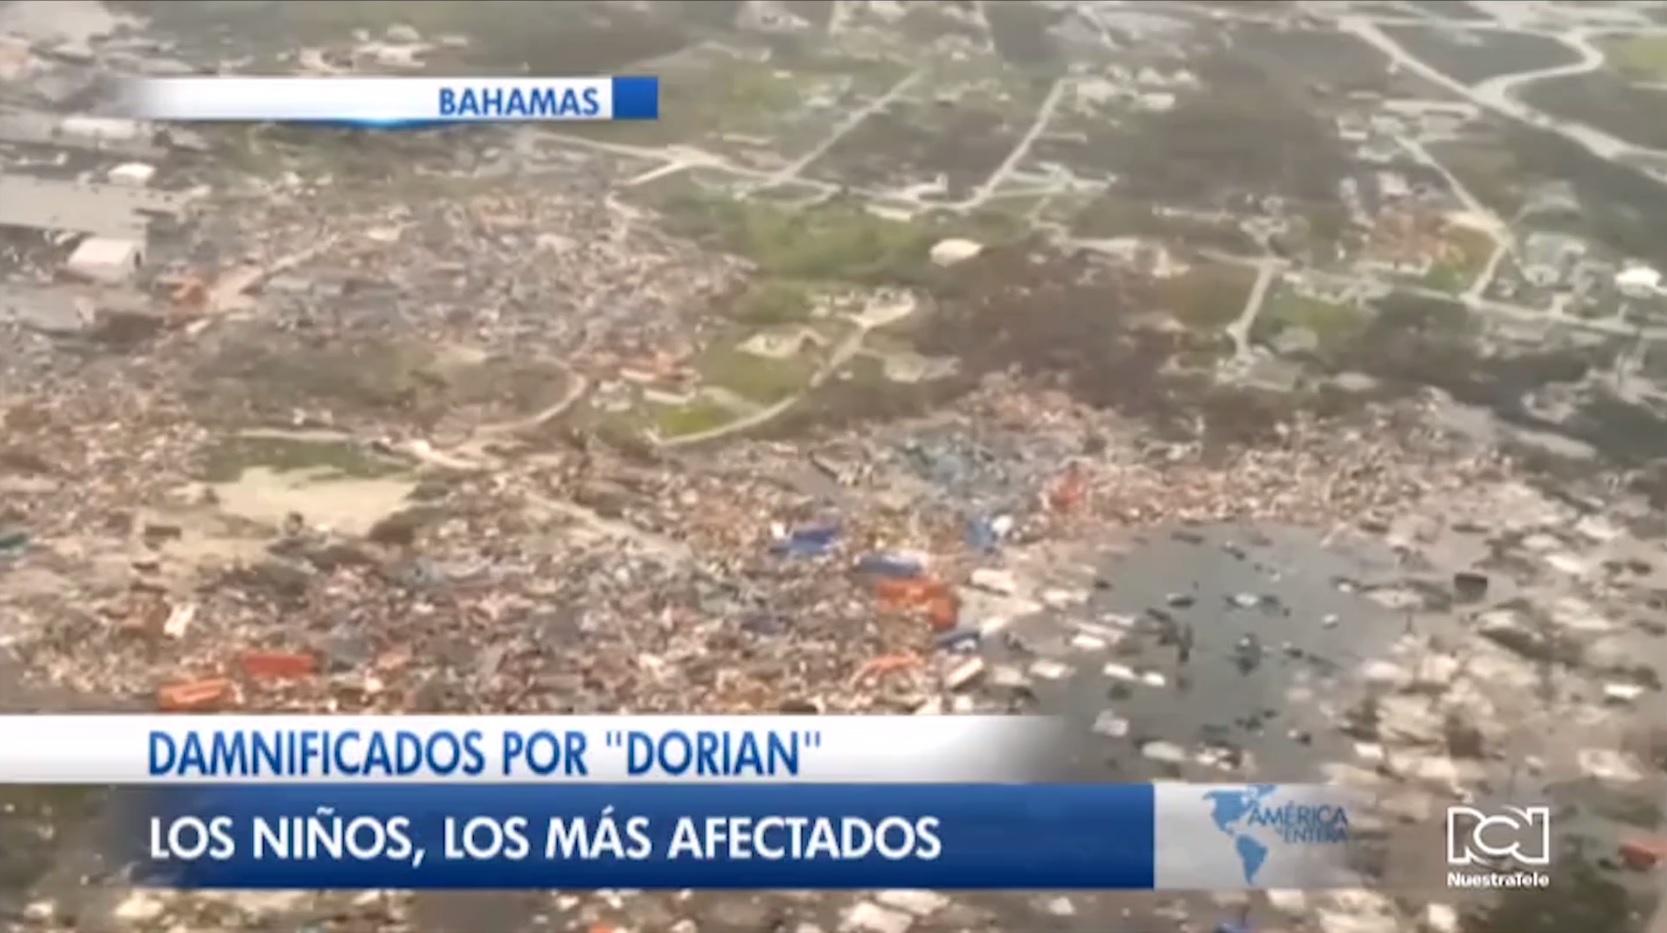 Huracán Humberto complica las tareas de reconstrucción en Bahamas